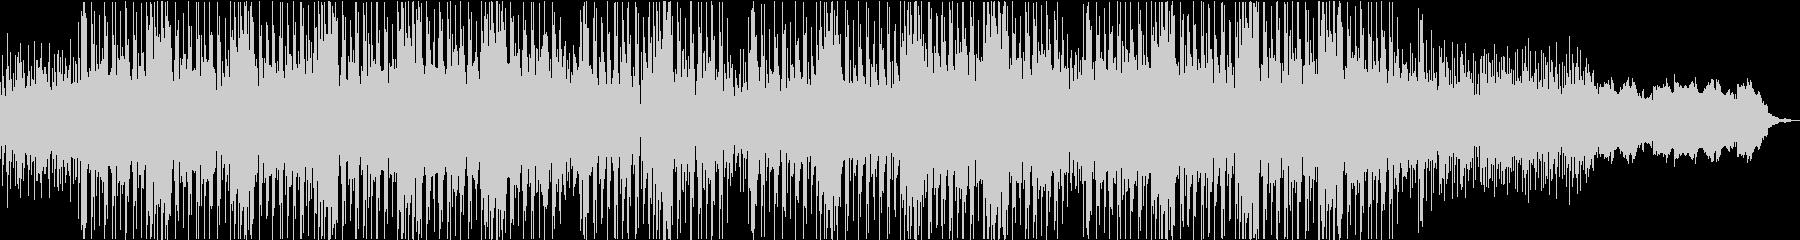 seekenserの未再生の波形